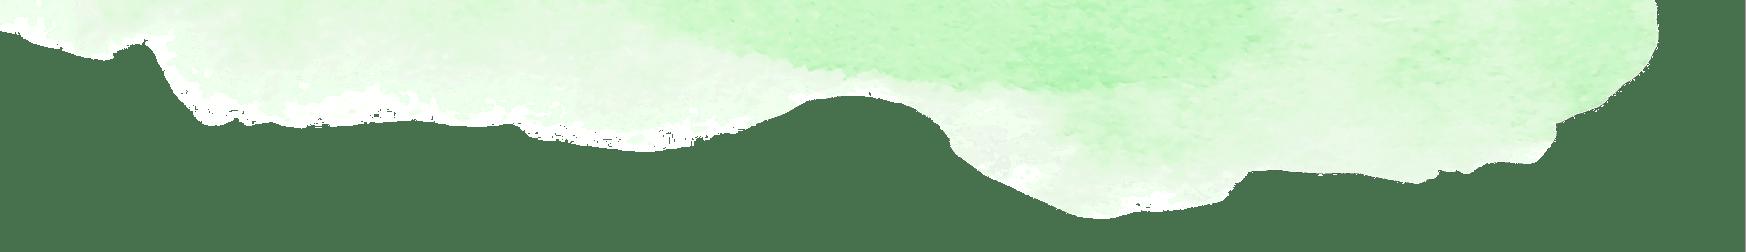 Oberer Grüner Pinselstrich